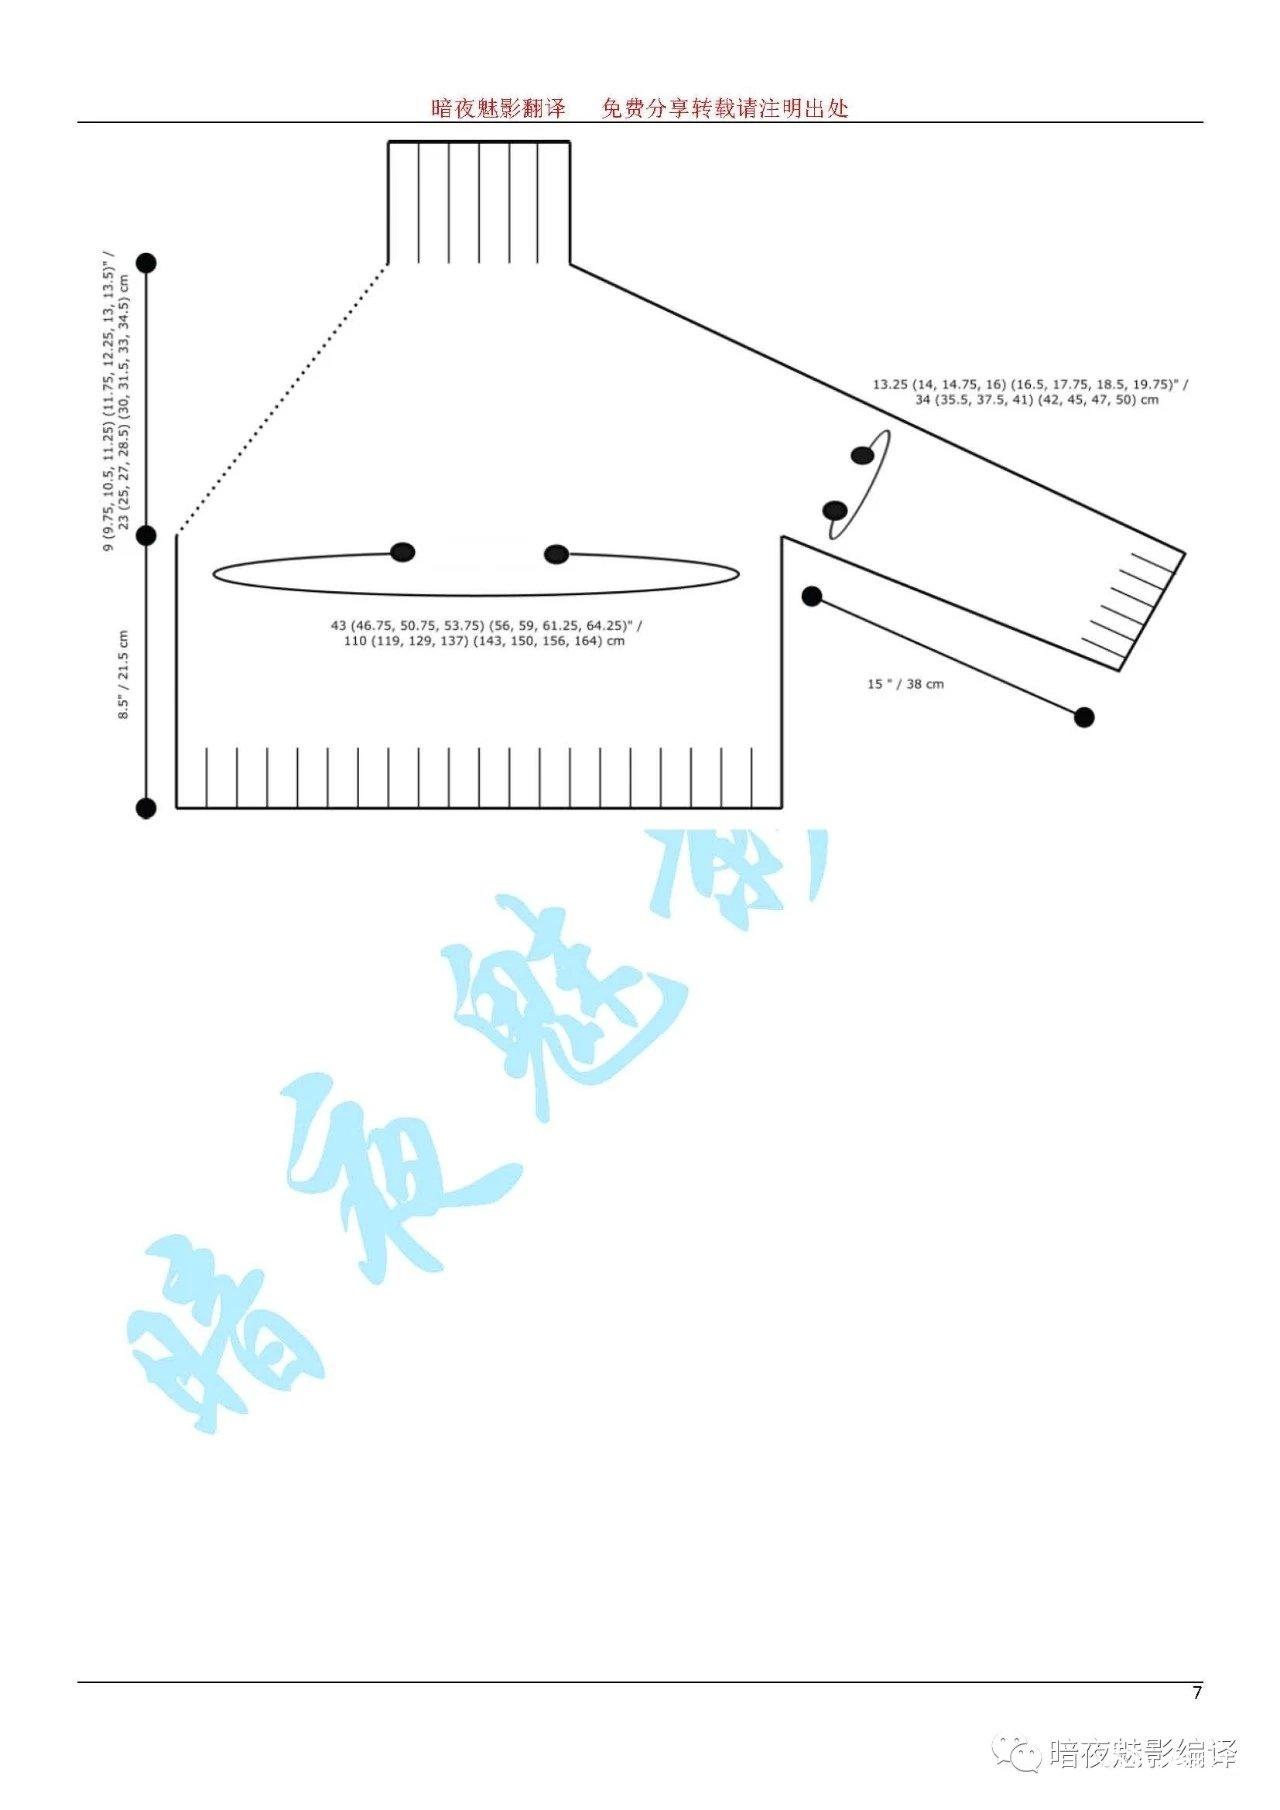 mmexport1580875012305.jpg